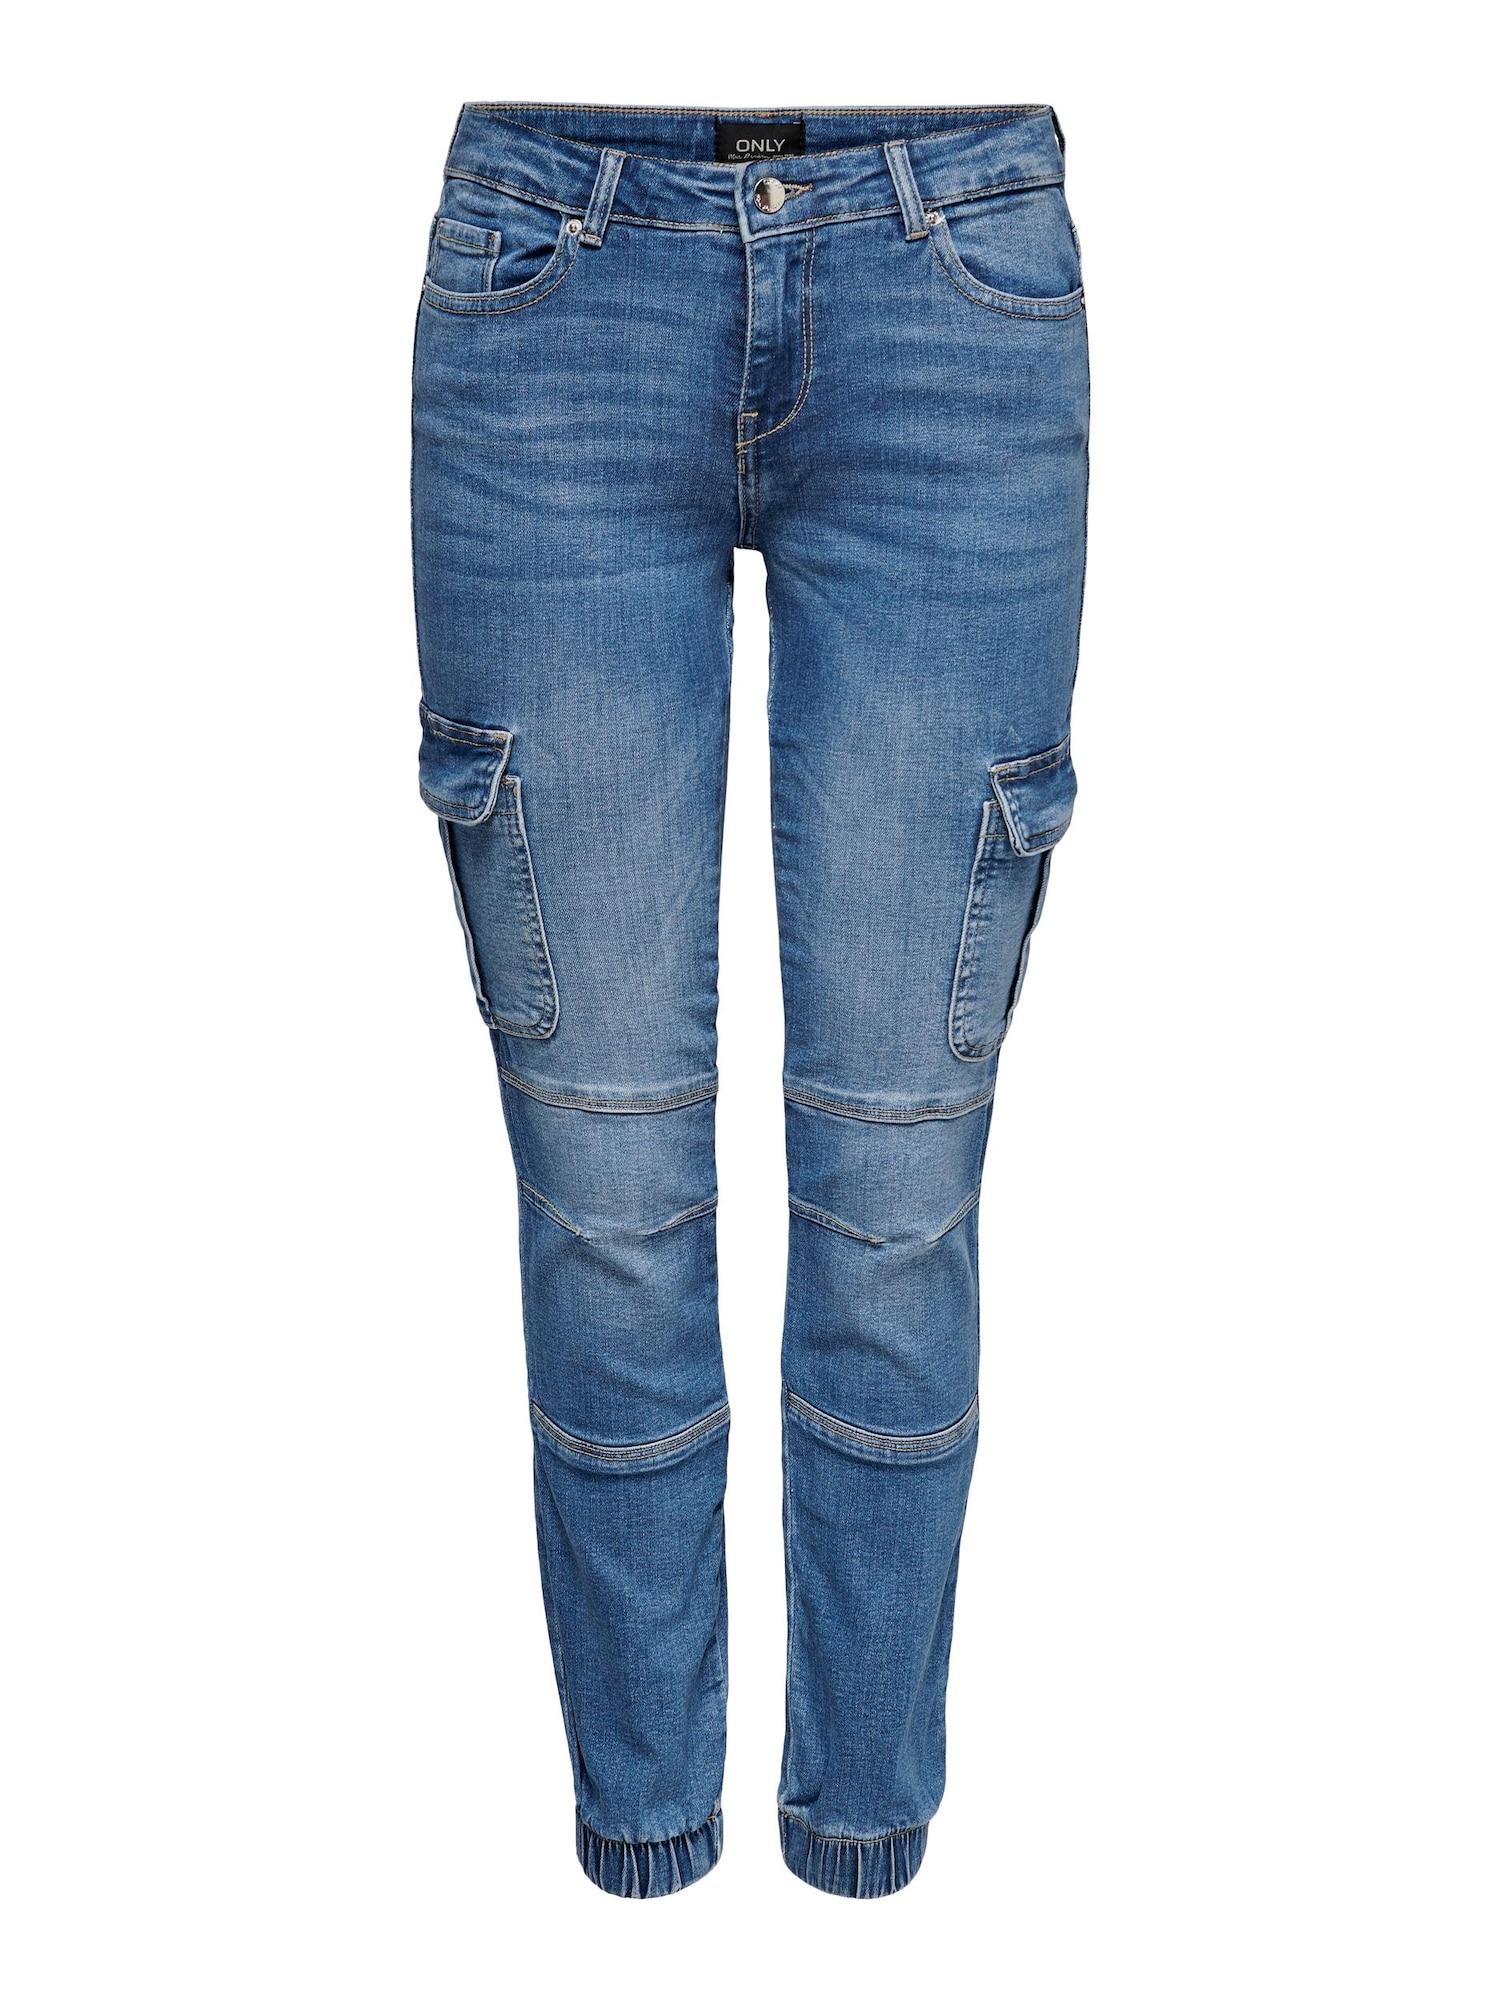 ONLY Darbinio stiliaus džinsai tamsiai (džinso) mėlyna